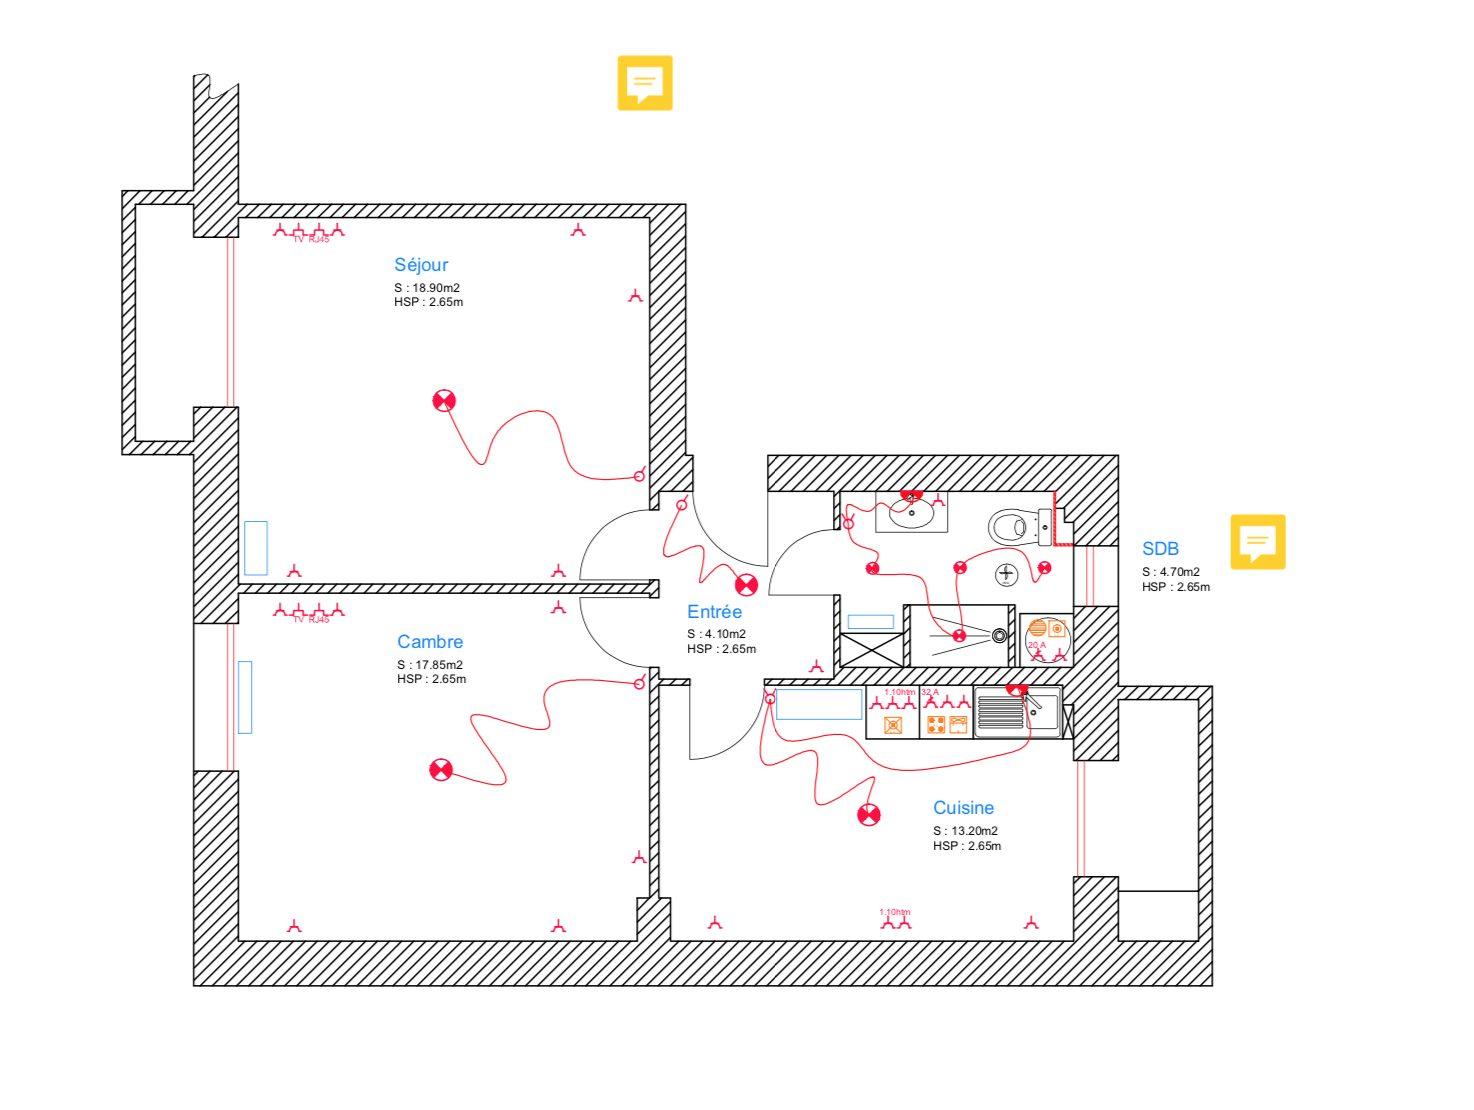 2 PIECES REFAIT A NEUF - Devenez locataire en toute sérénité - Bintz Immobilier - 5